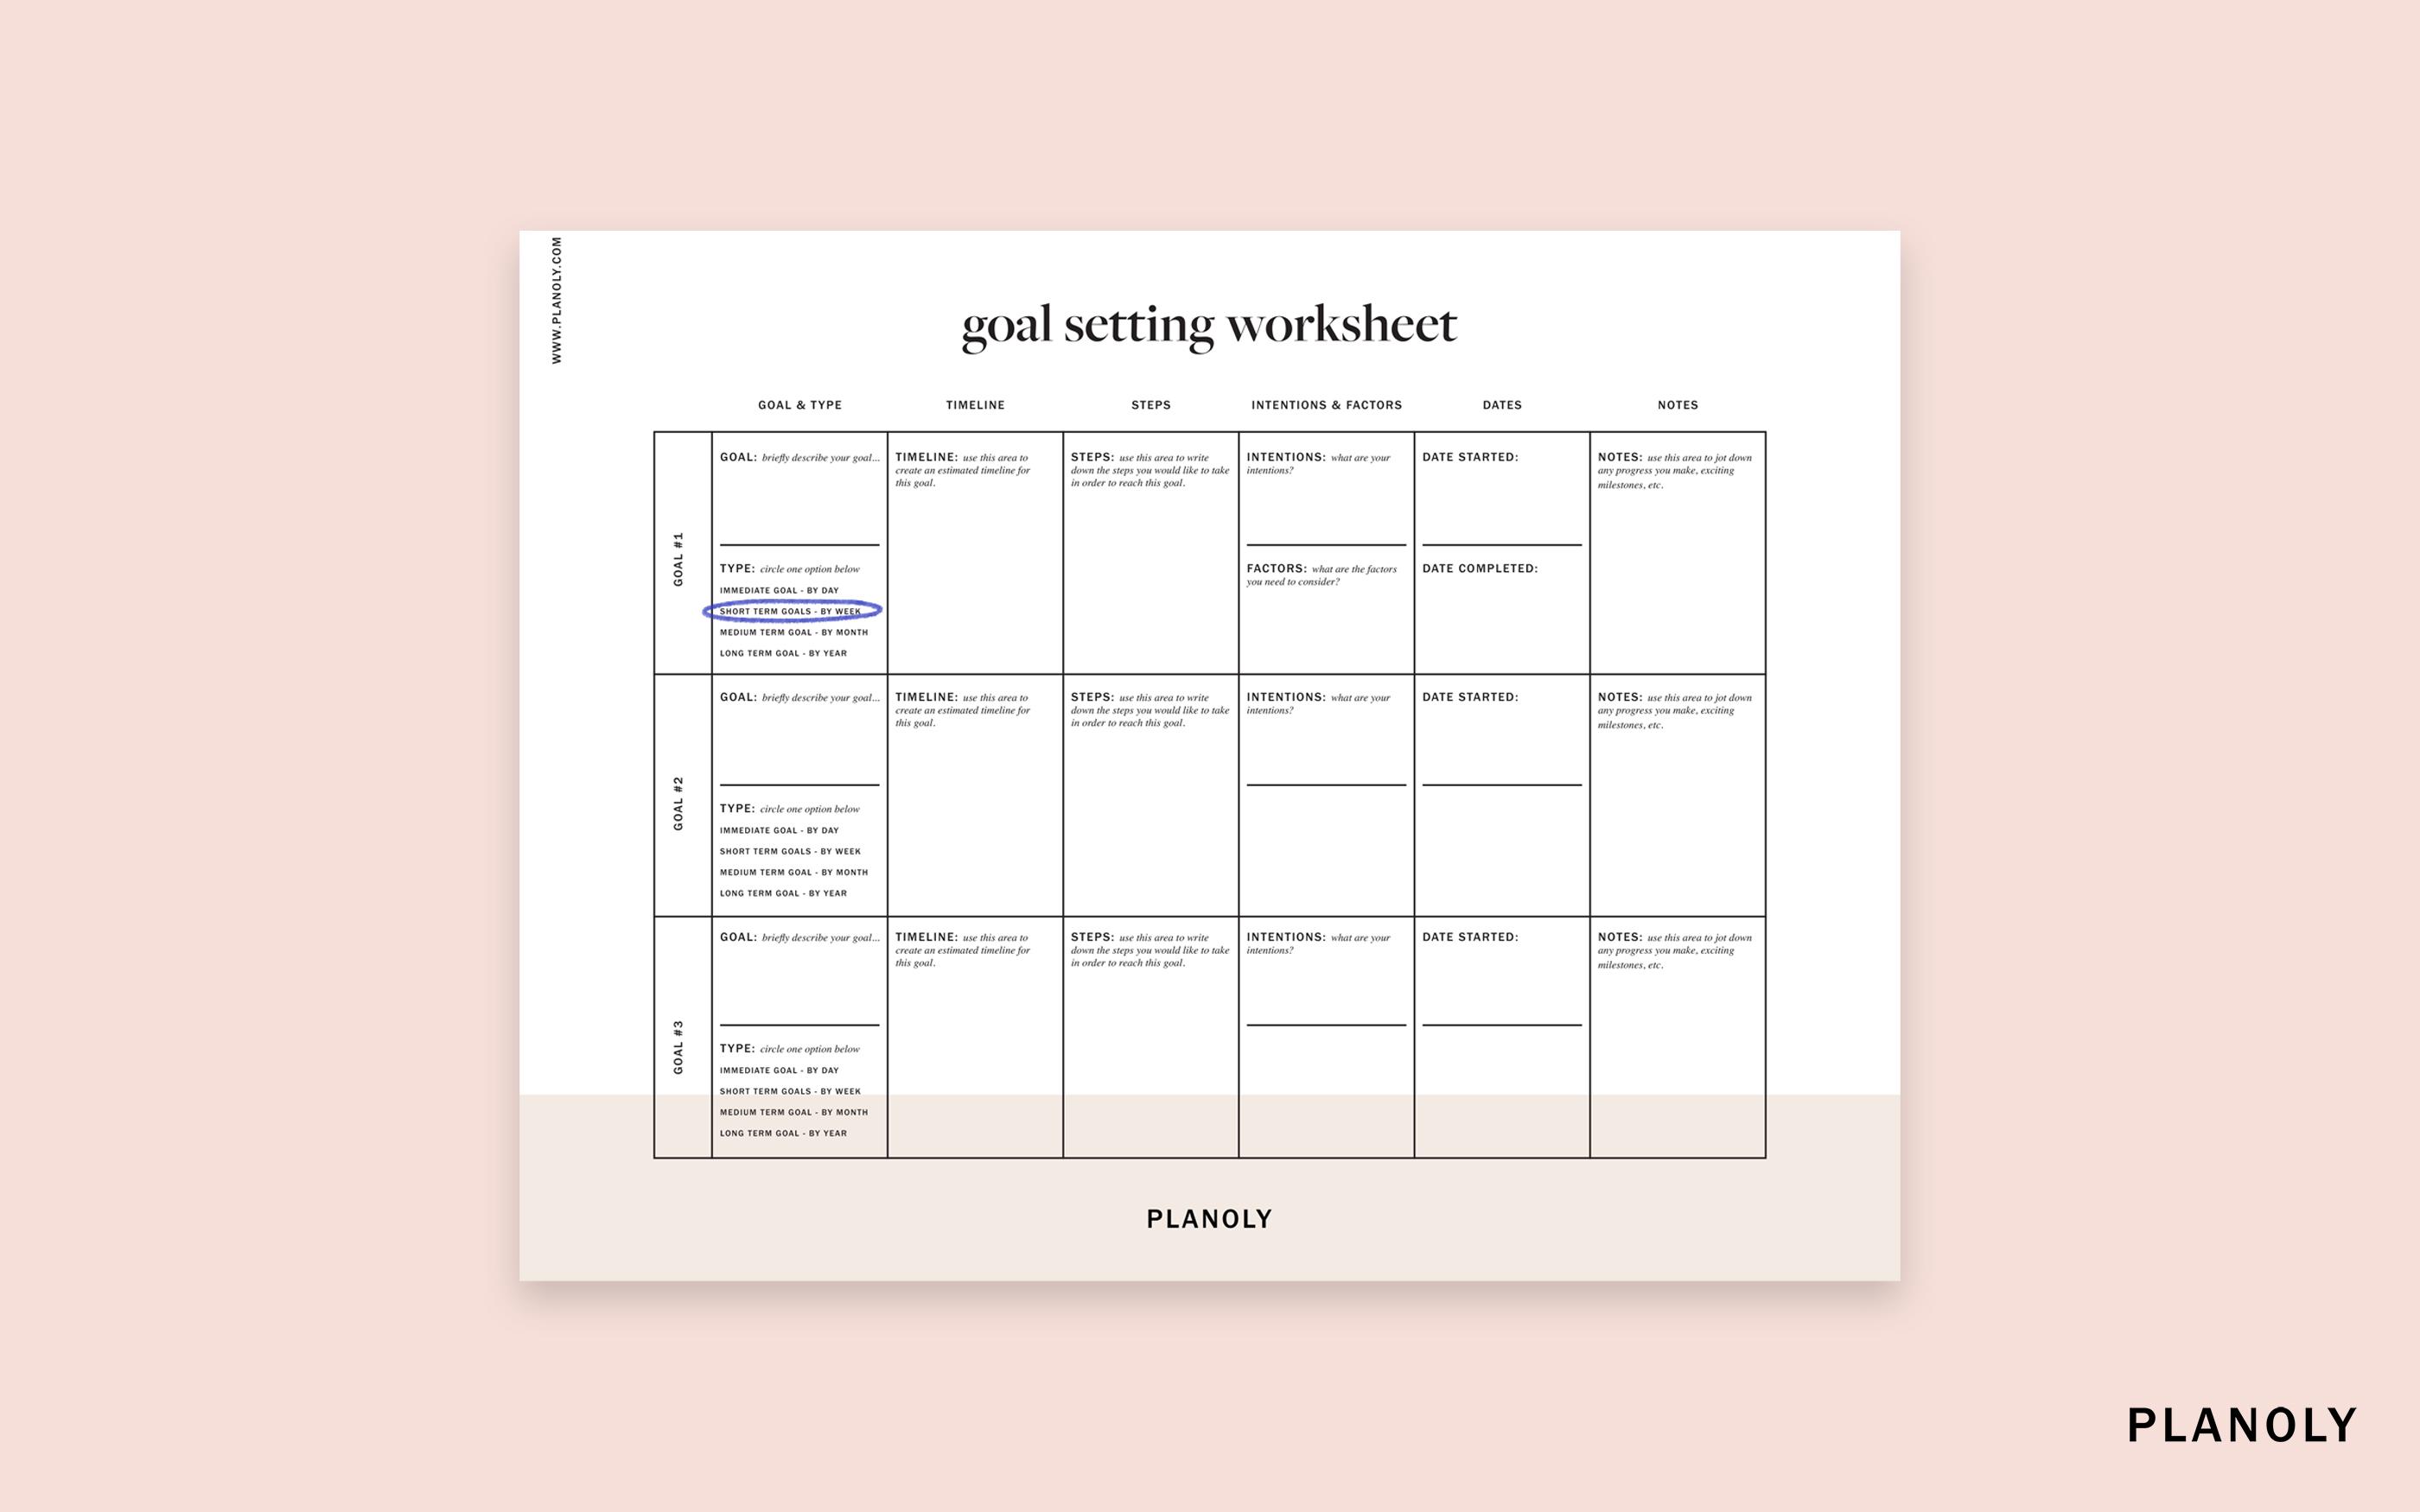 Planoly S Influencer Goal Setting Worksheet